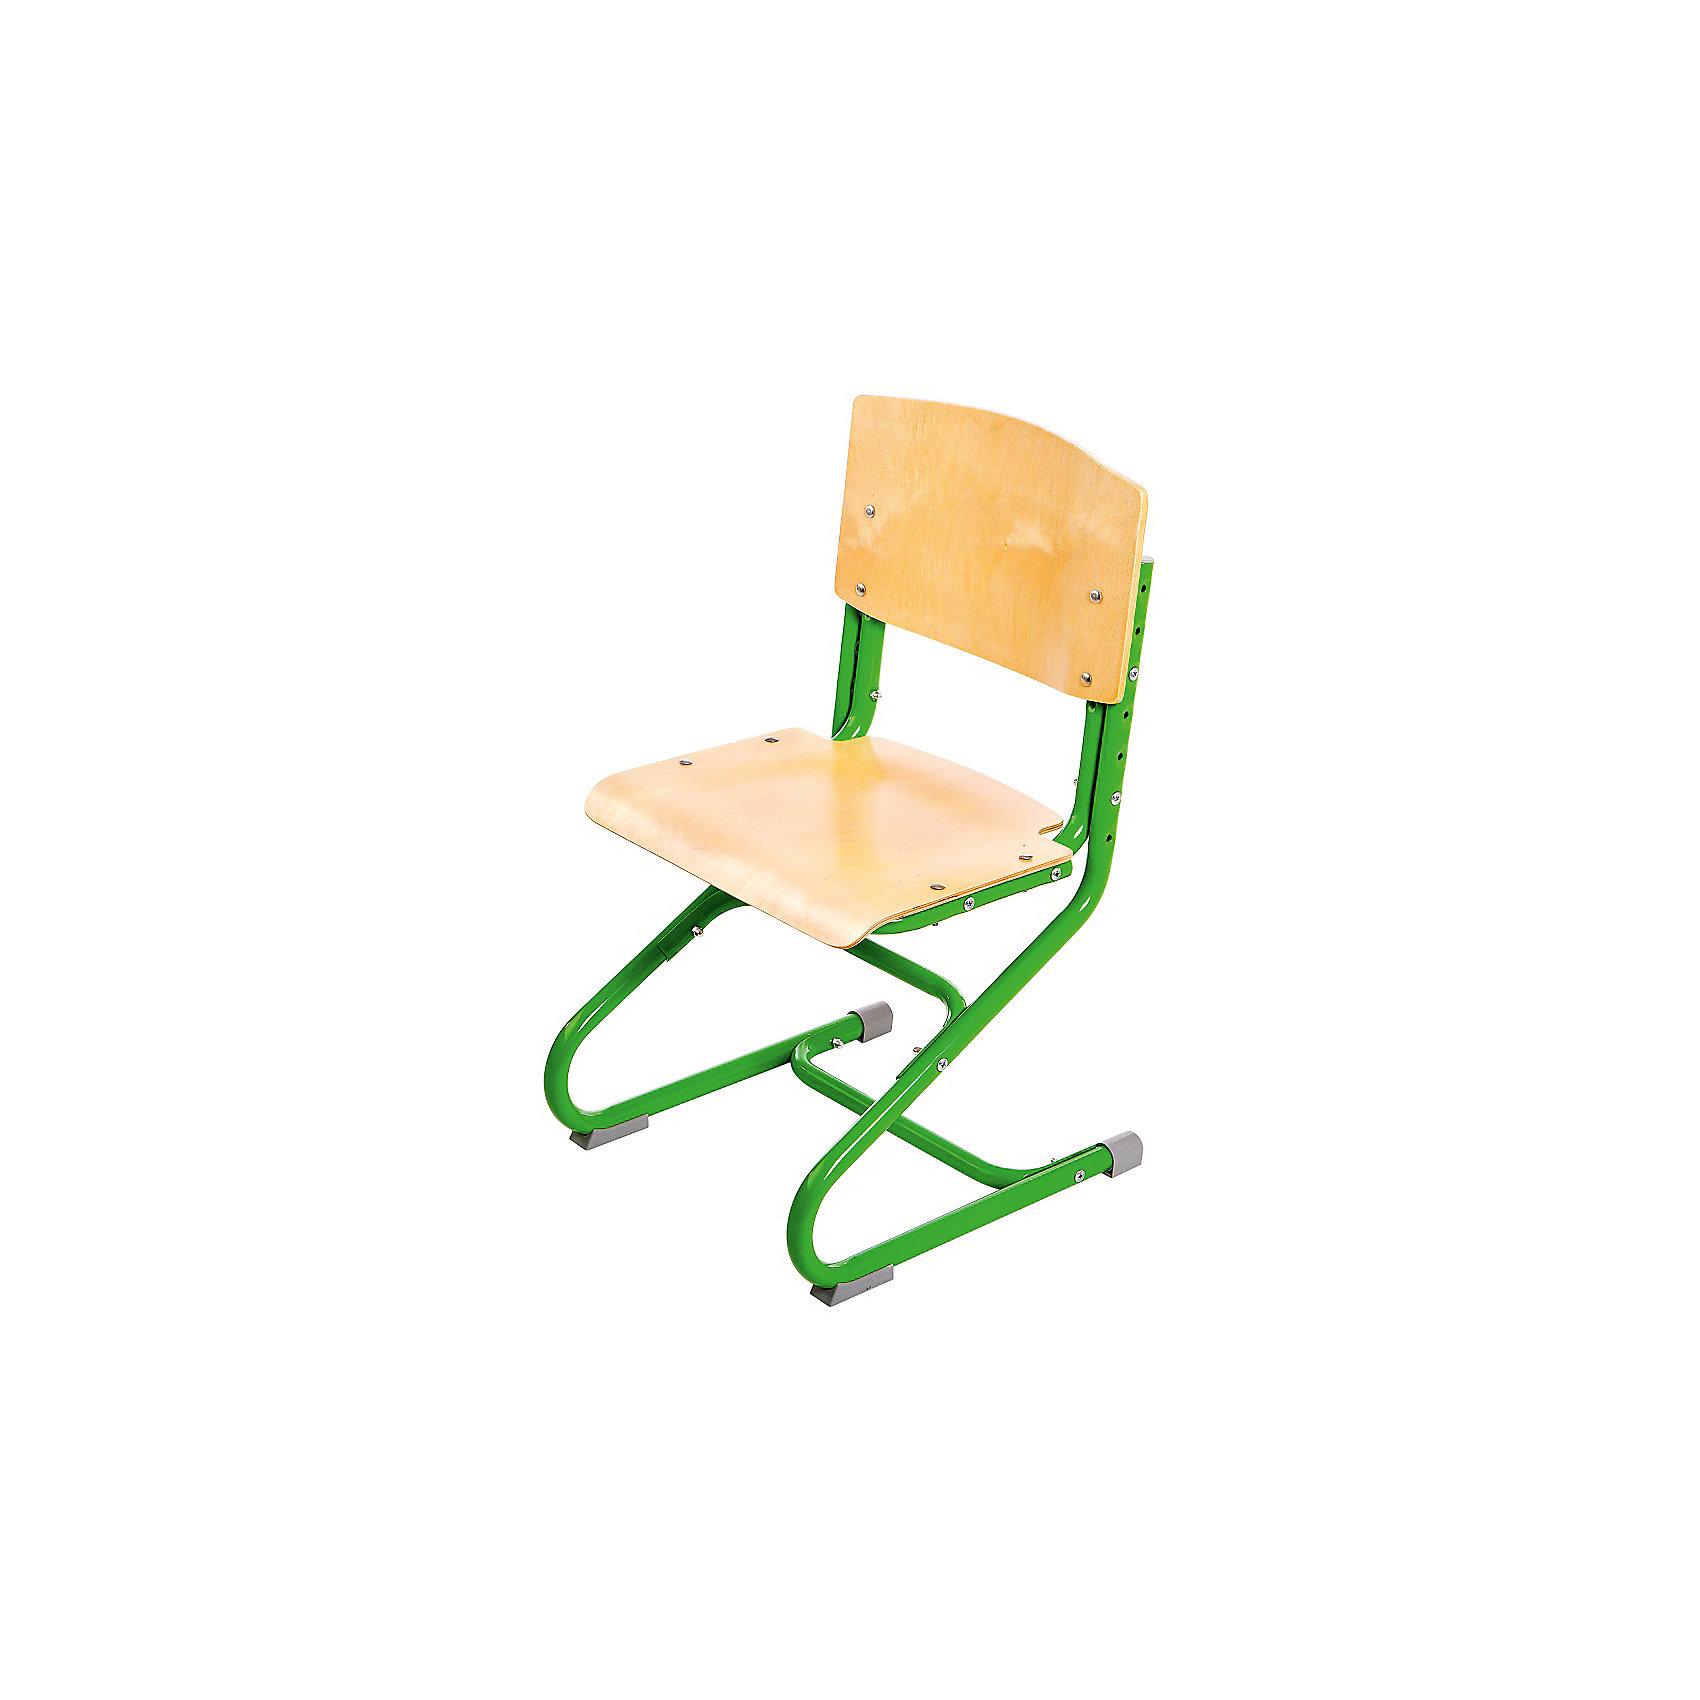 Стул универсальный СУТ.01-01, Дэми, зеленый  диван кровать независимые пружины